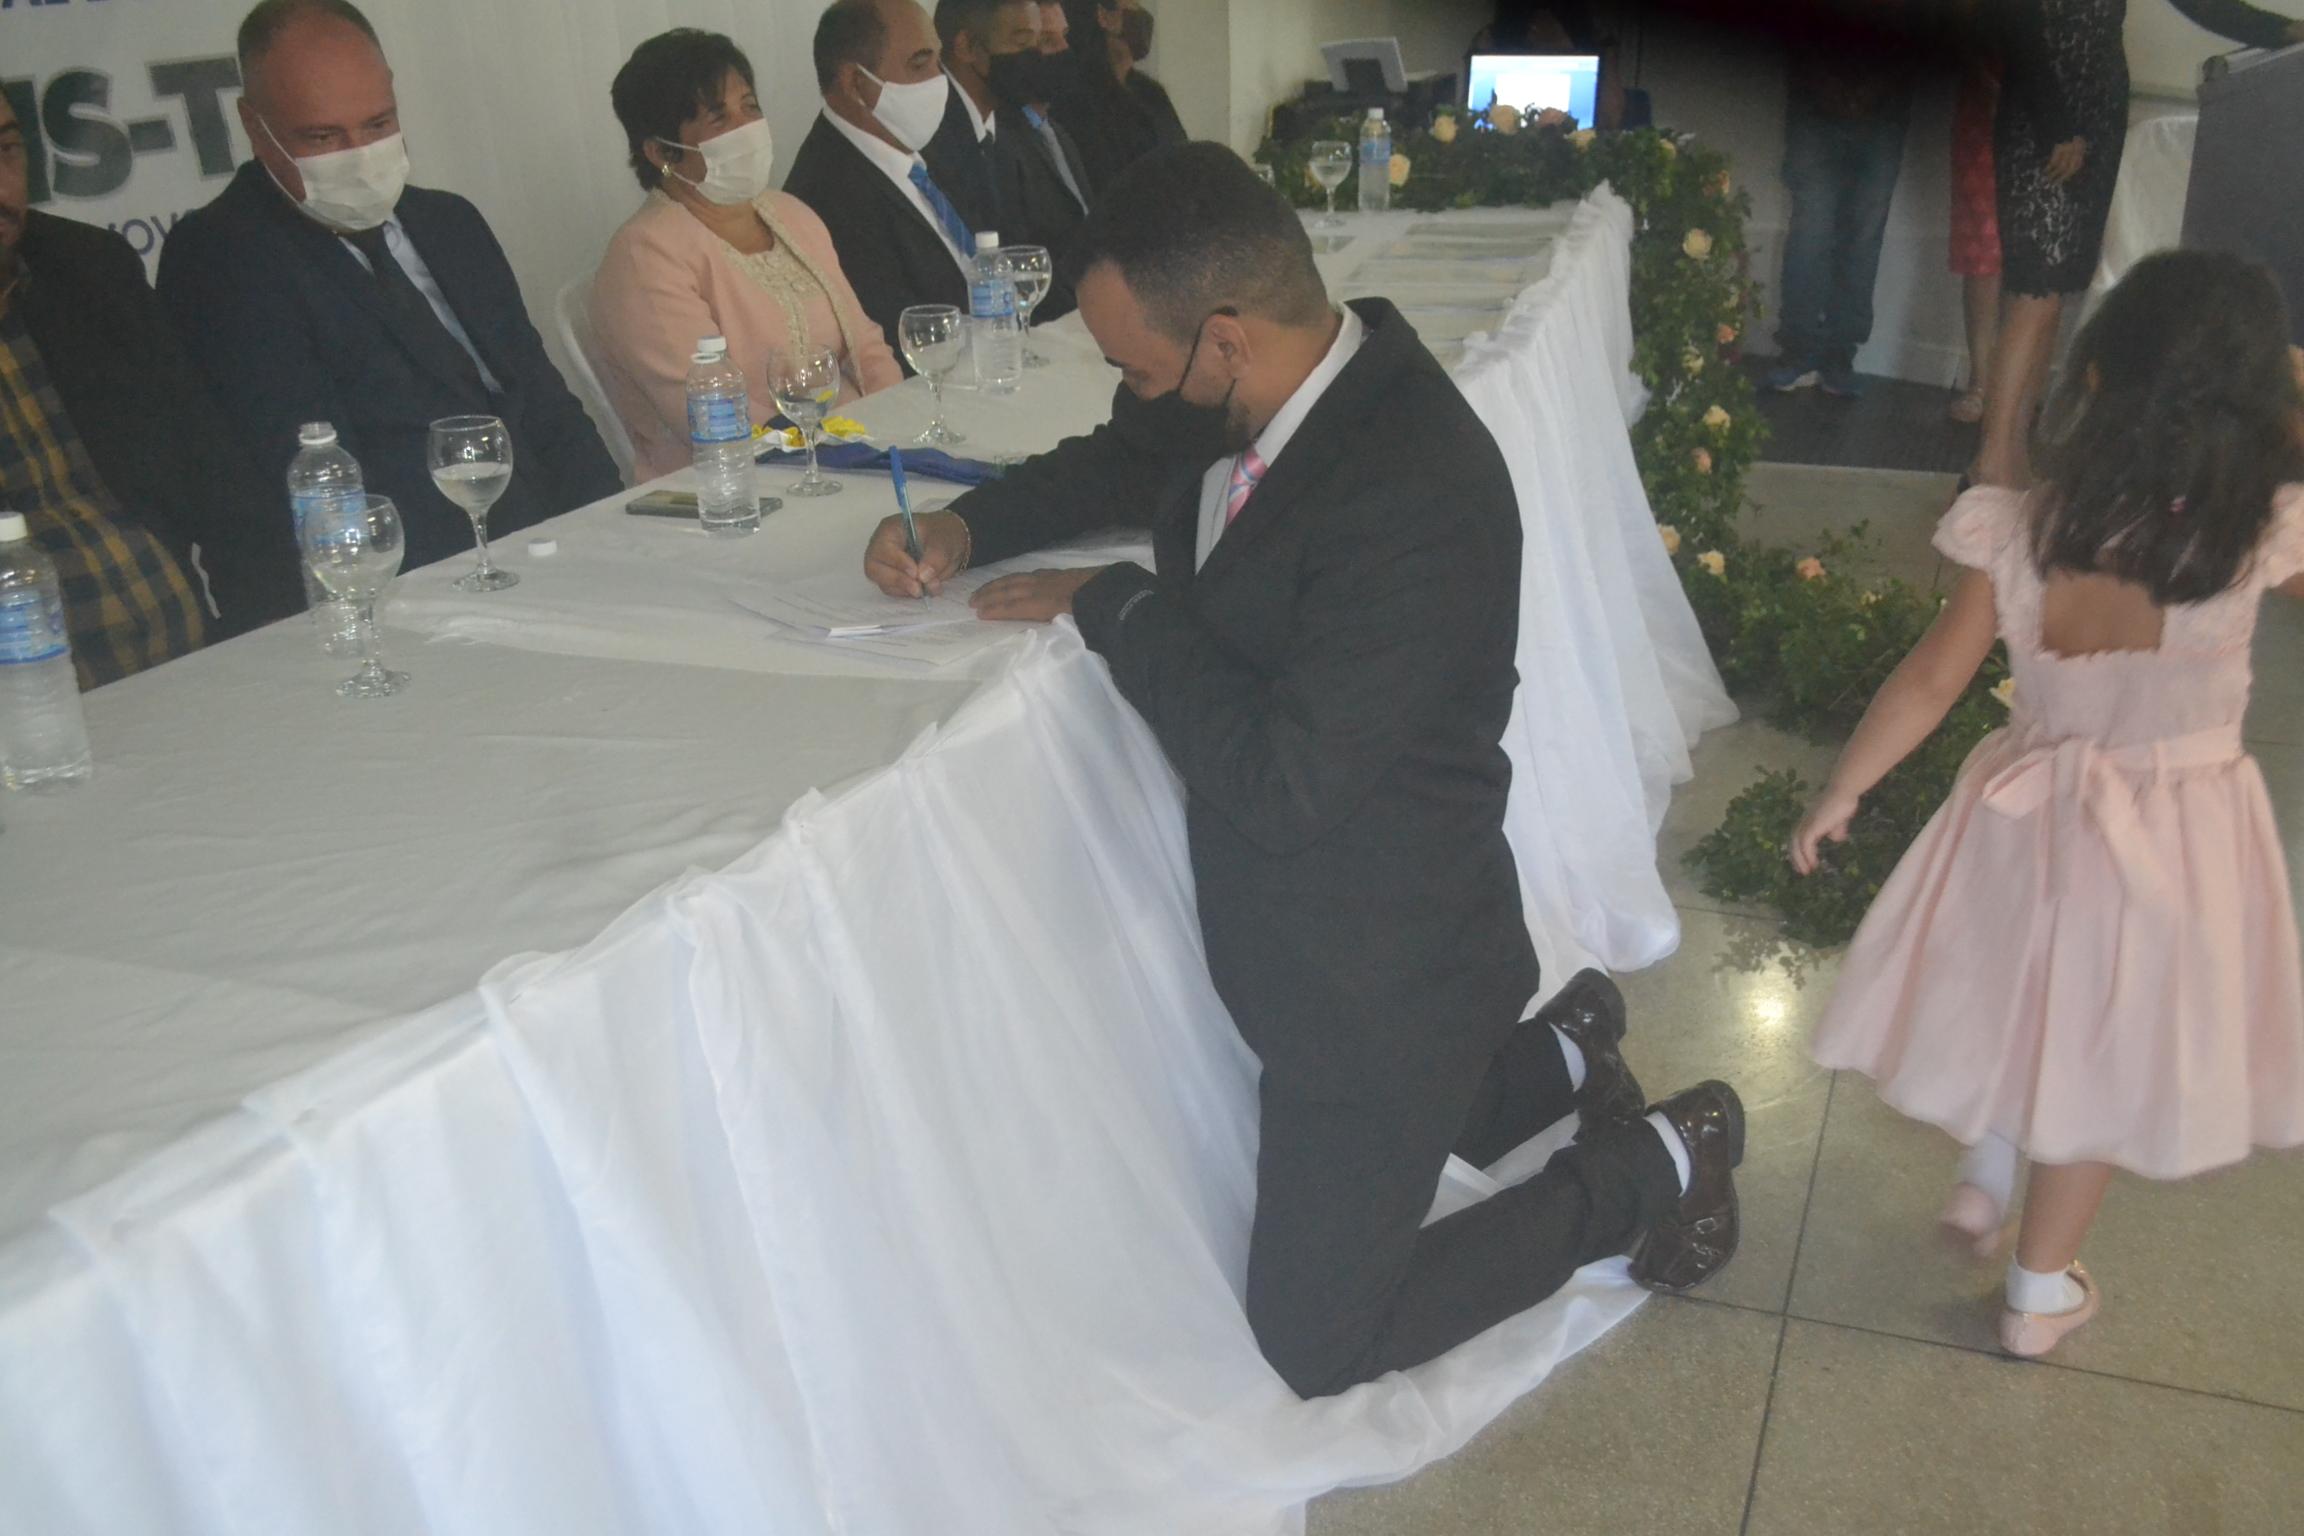 Em reverência ao juramento a Constituição Federal Baracho assinou o Termo de Posse de joelho no dia 1º de janeiro, sendo observado pelo prefeito Flavão - Foto: Edsom Gilmar/Arquivo